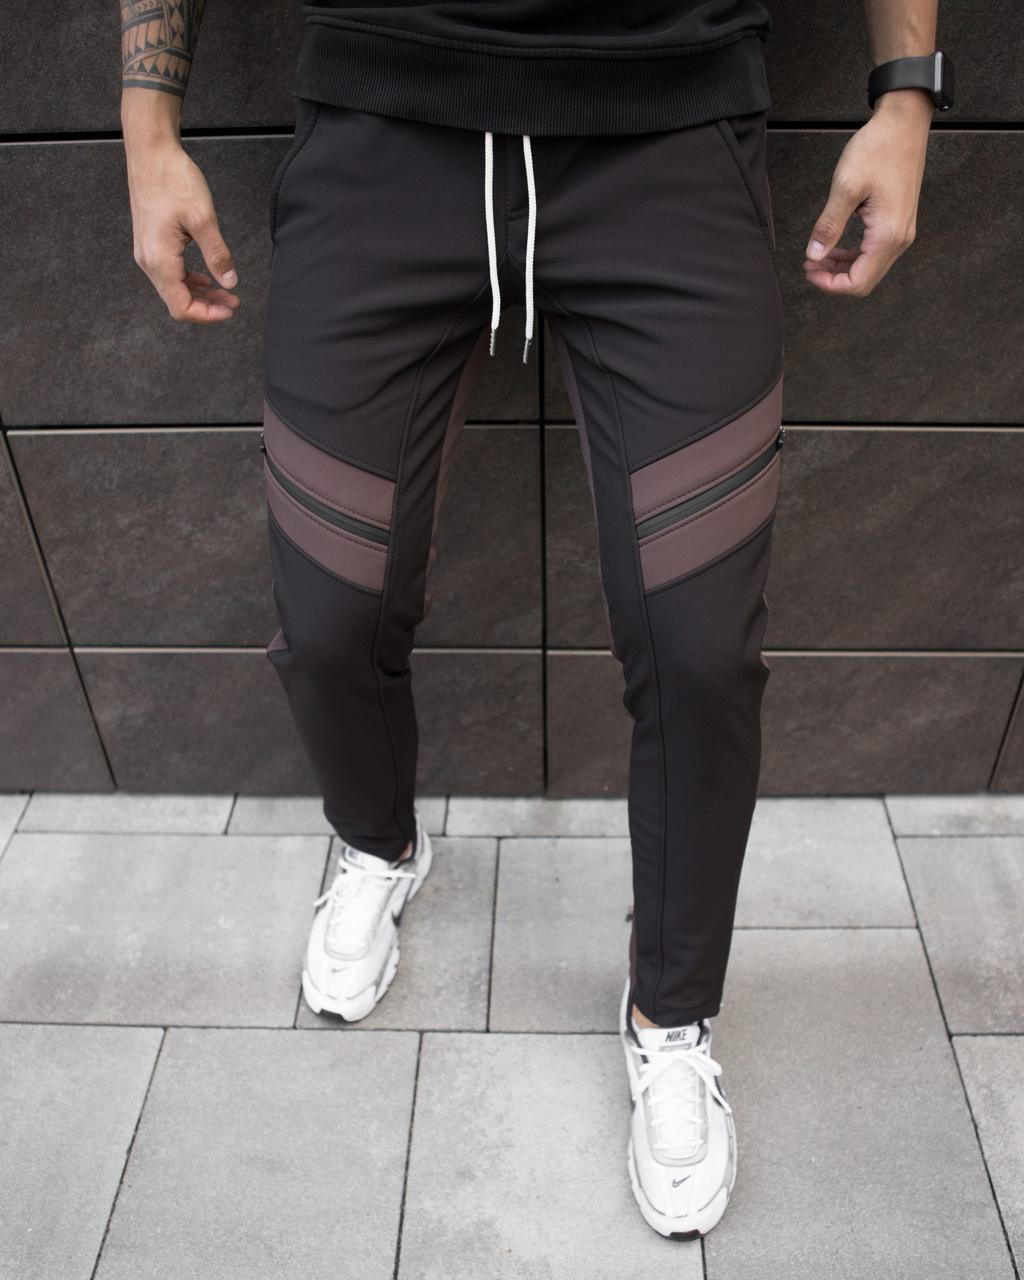 Чоловічі зимові штани Soft Shell 'San Andreas' Pobedov (чорно-коричневі)